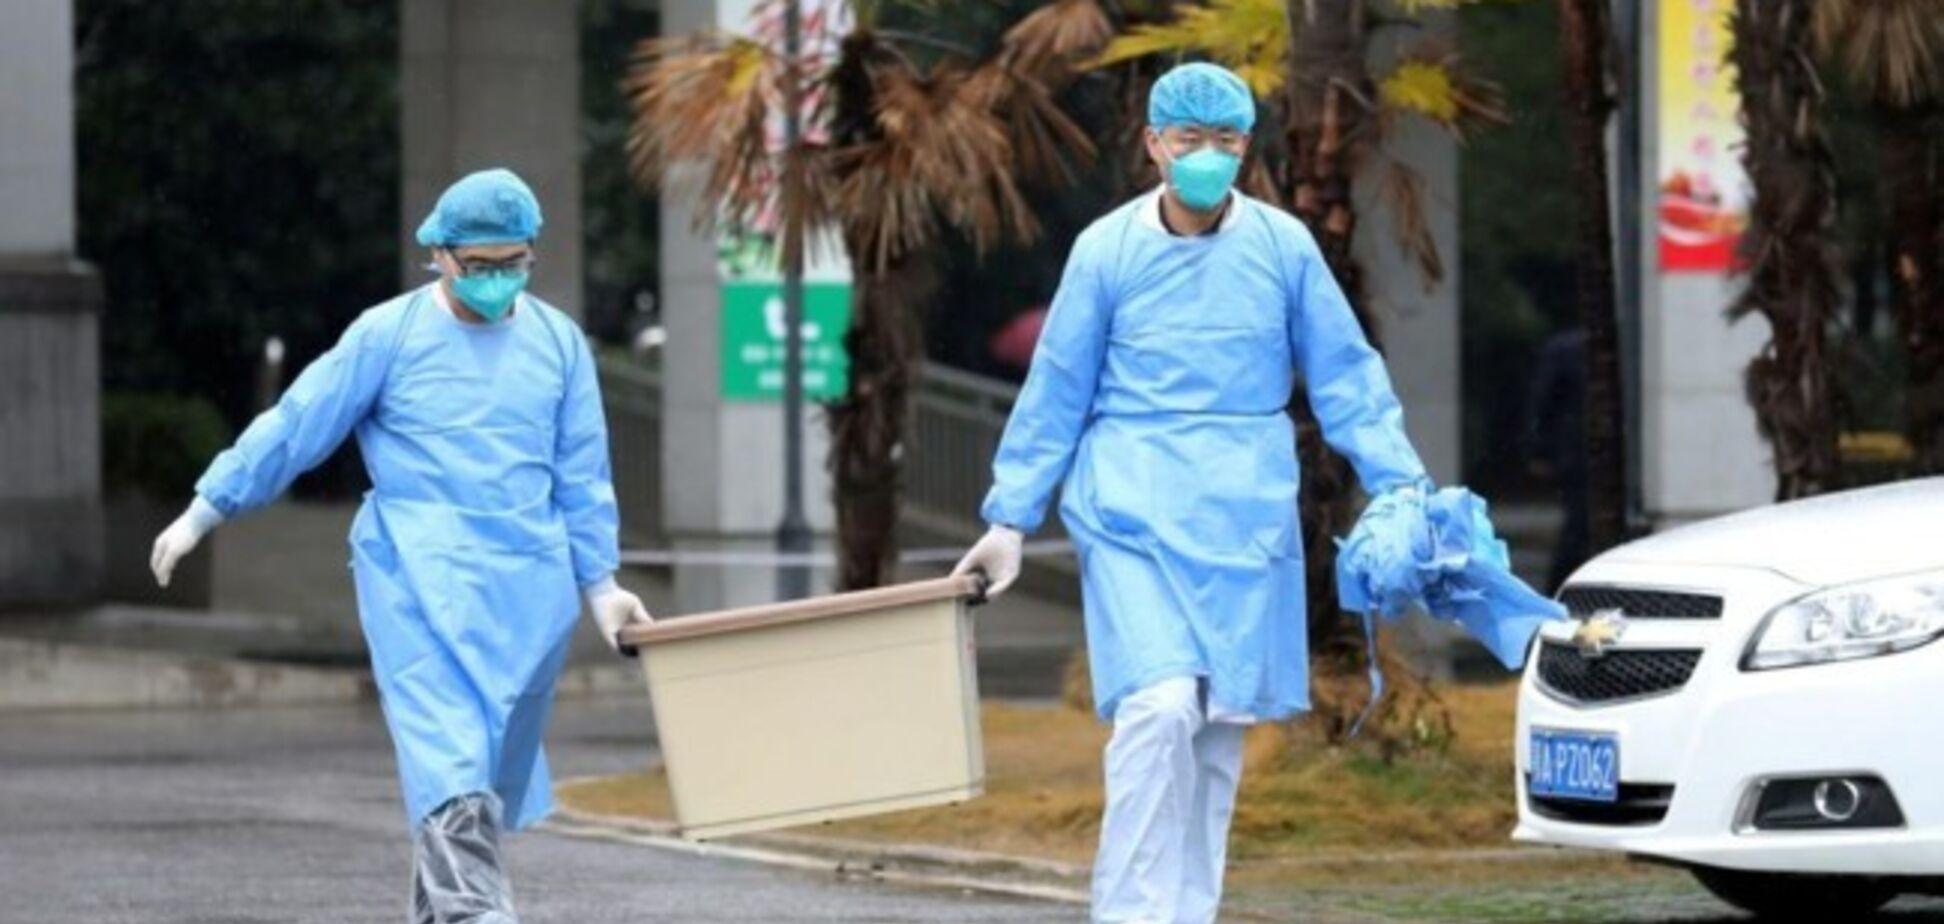 Вплинув на спорт: у Китаї ухвалили жорстке рішення через коронавірус